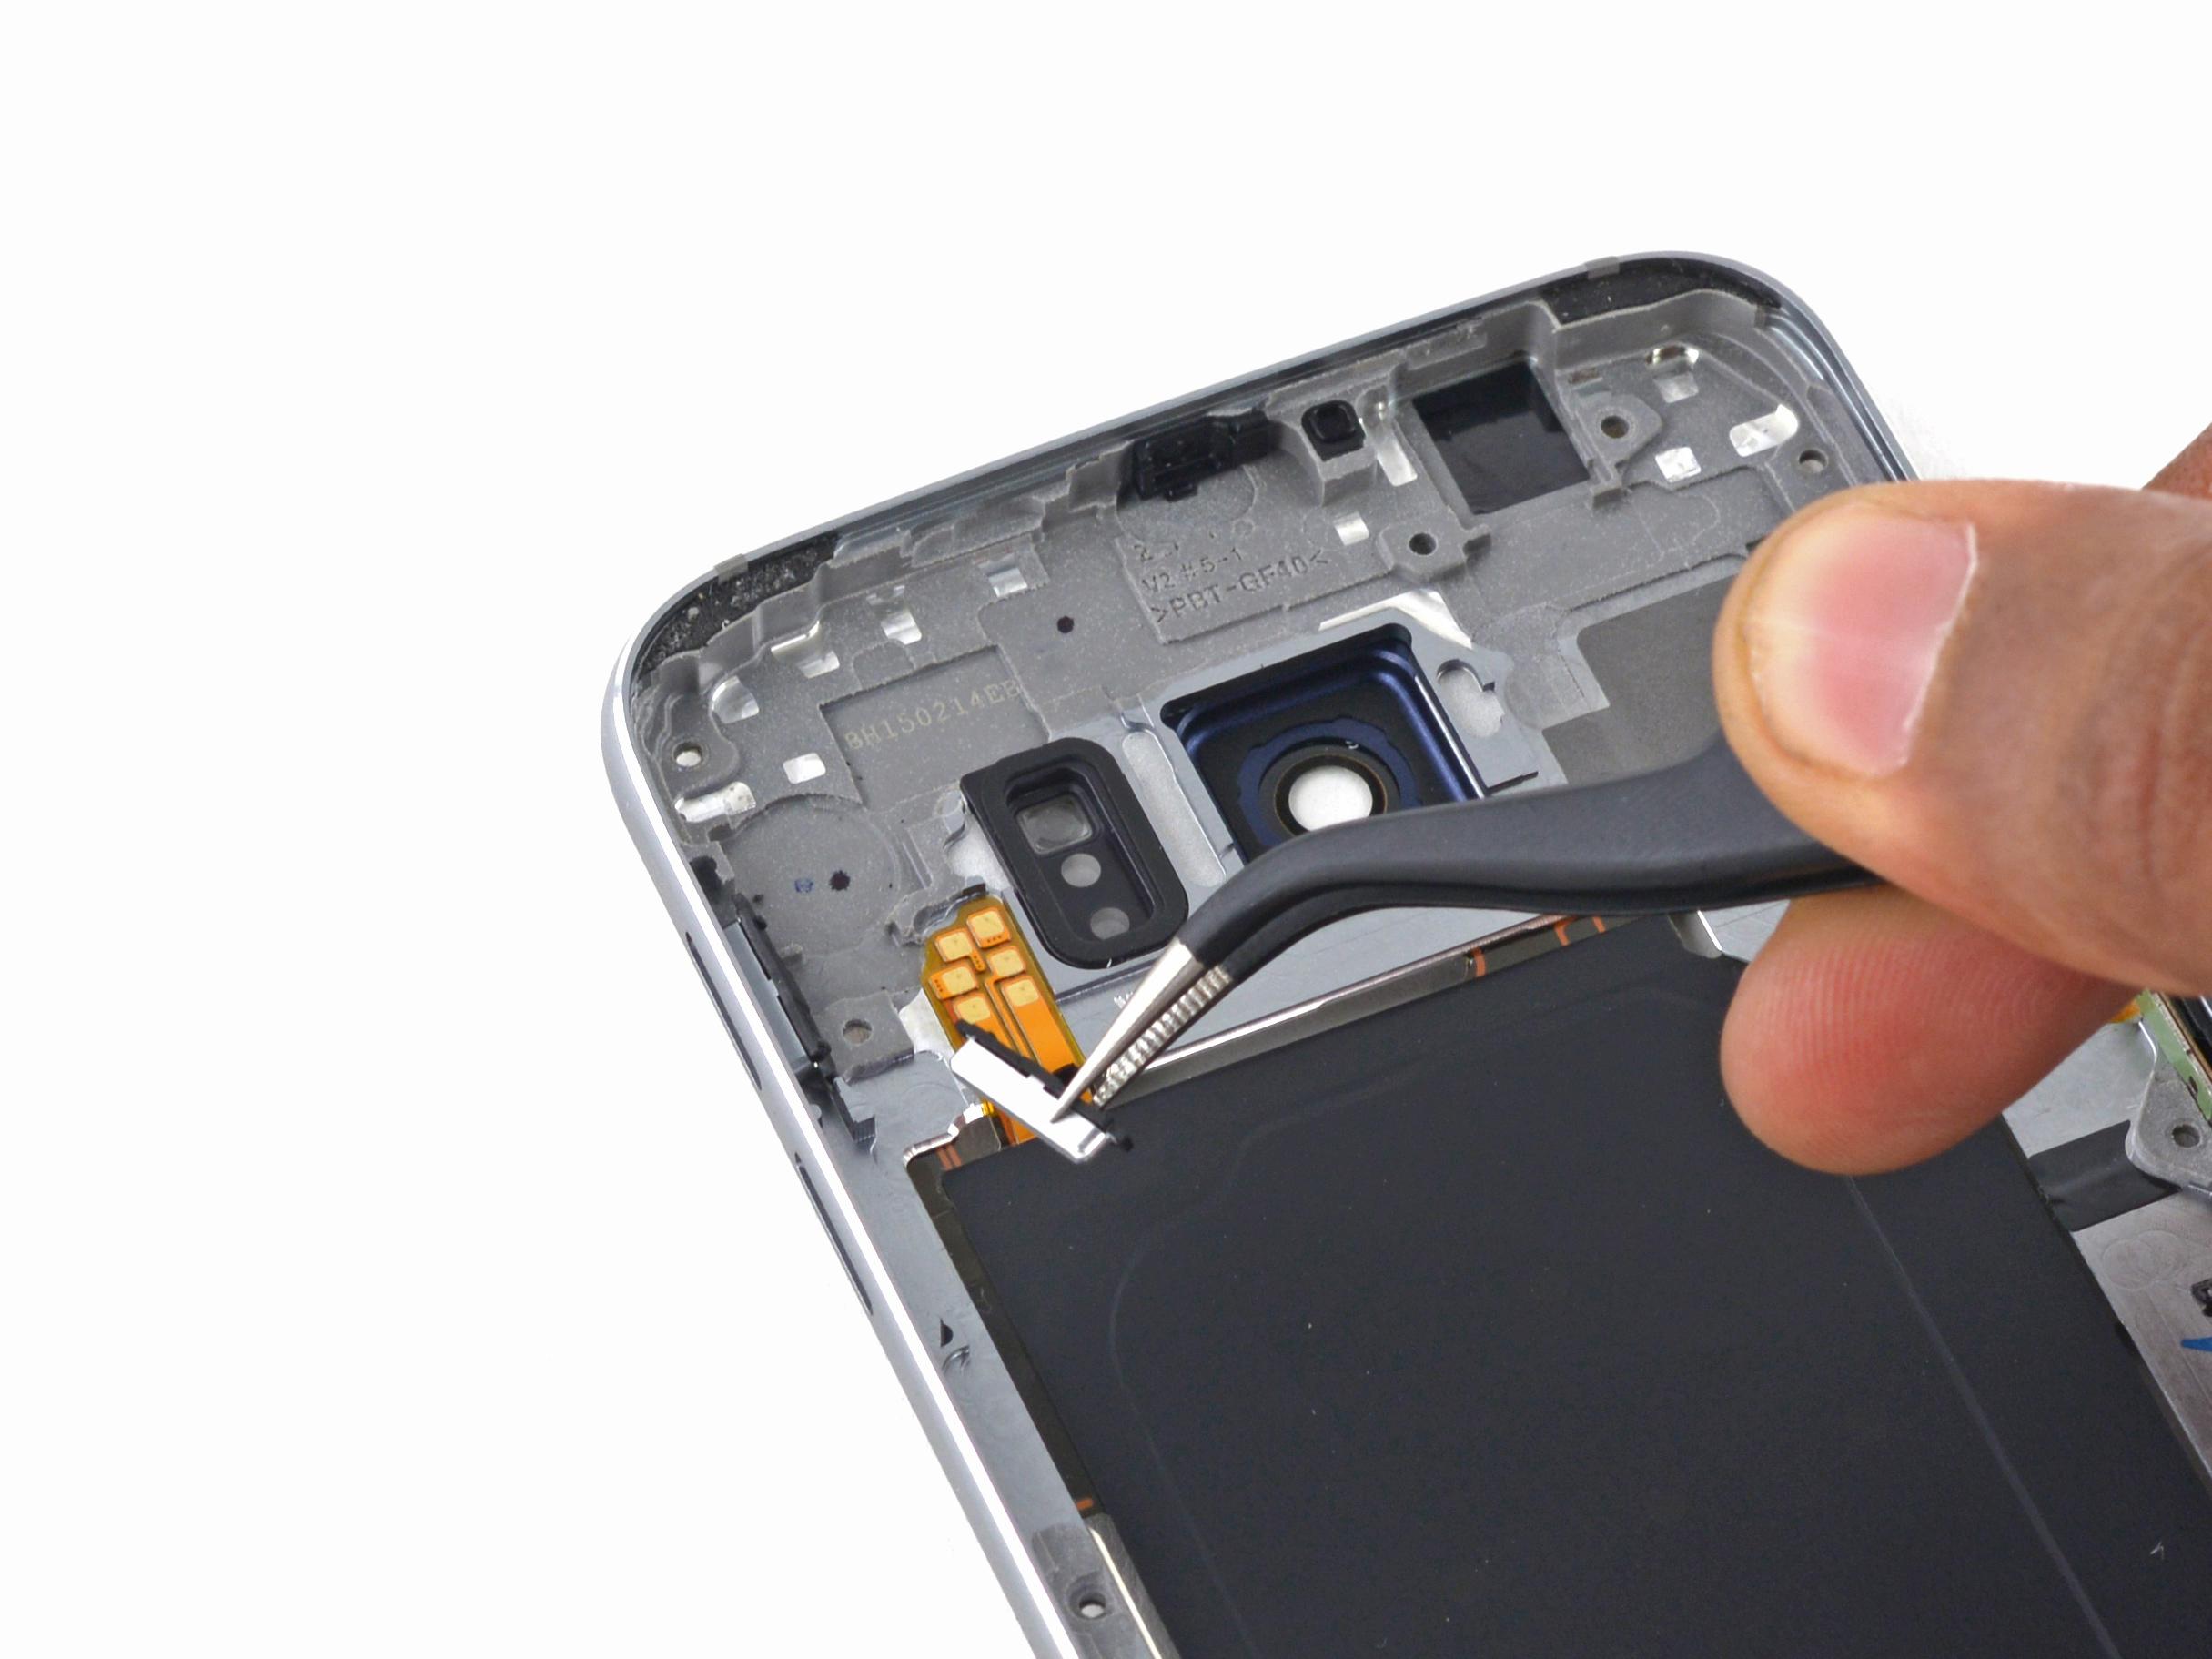 دکمه های ولوم گلکسی اس 6 تعمیری را از فریم میانی گوشی جدا نمایید.